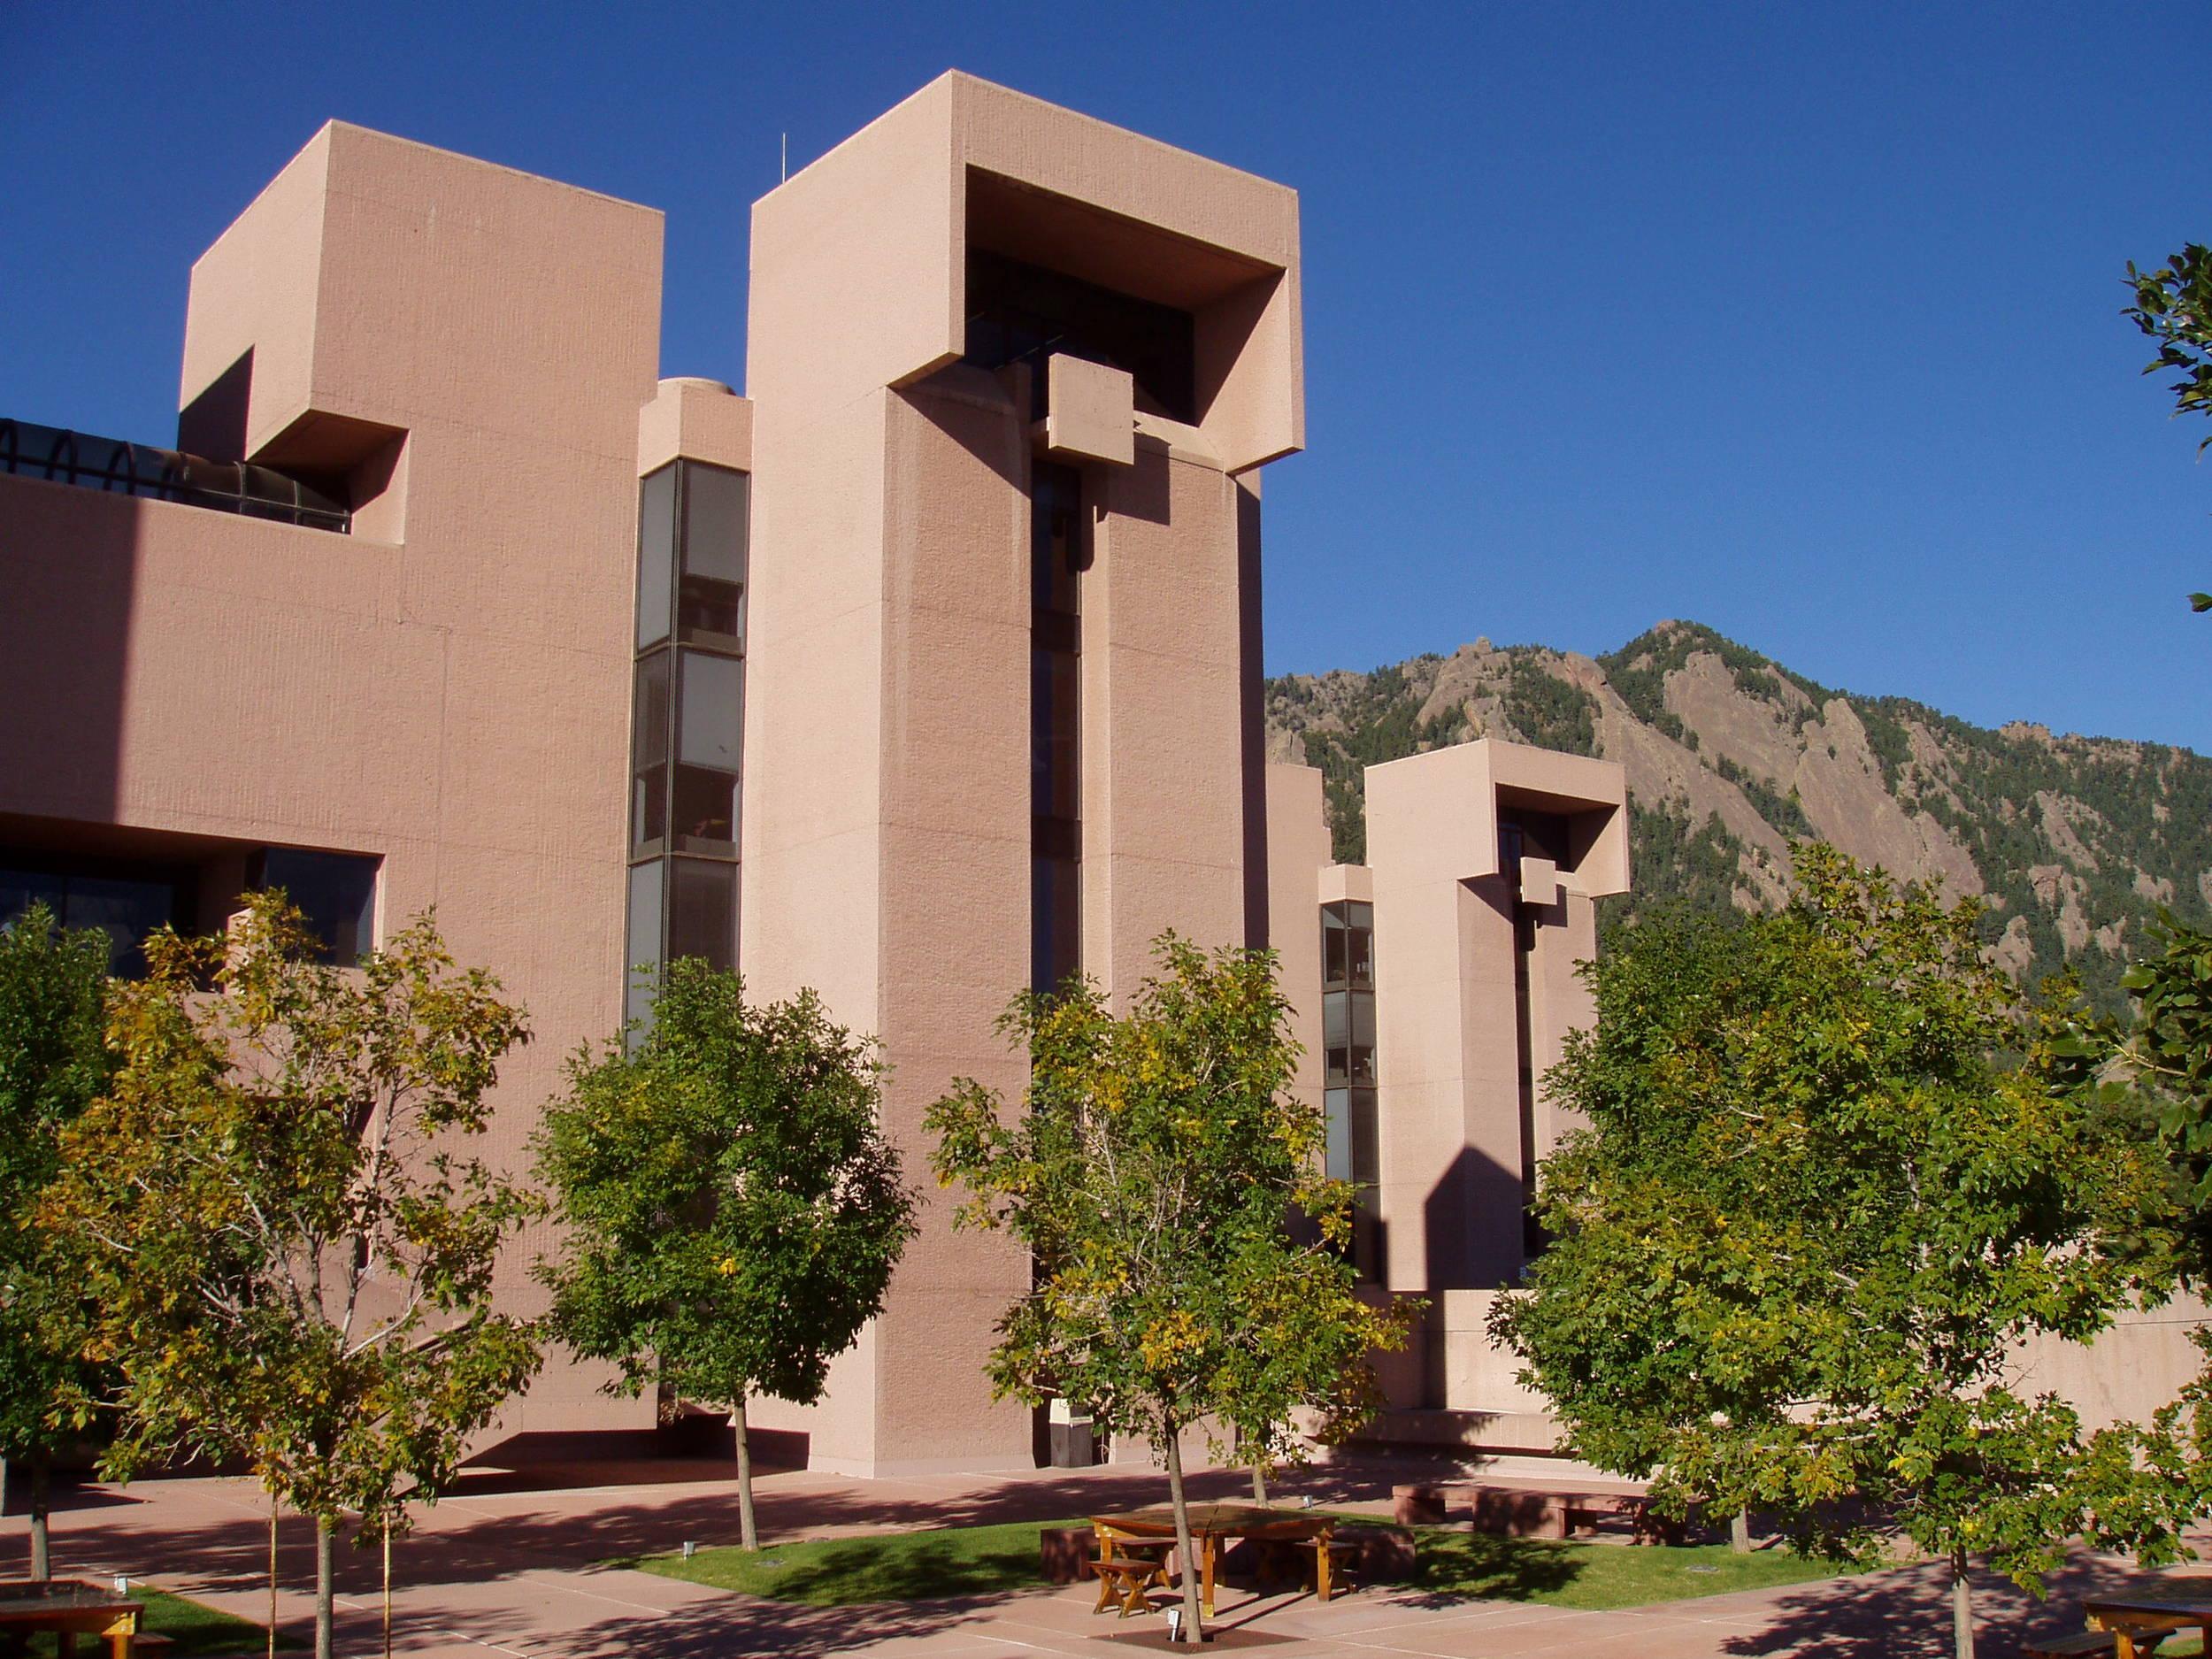 NCAR Mesa Lab, Boulder, Colorado